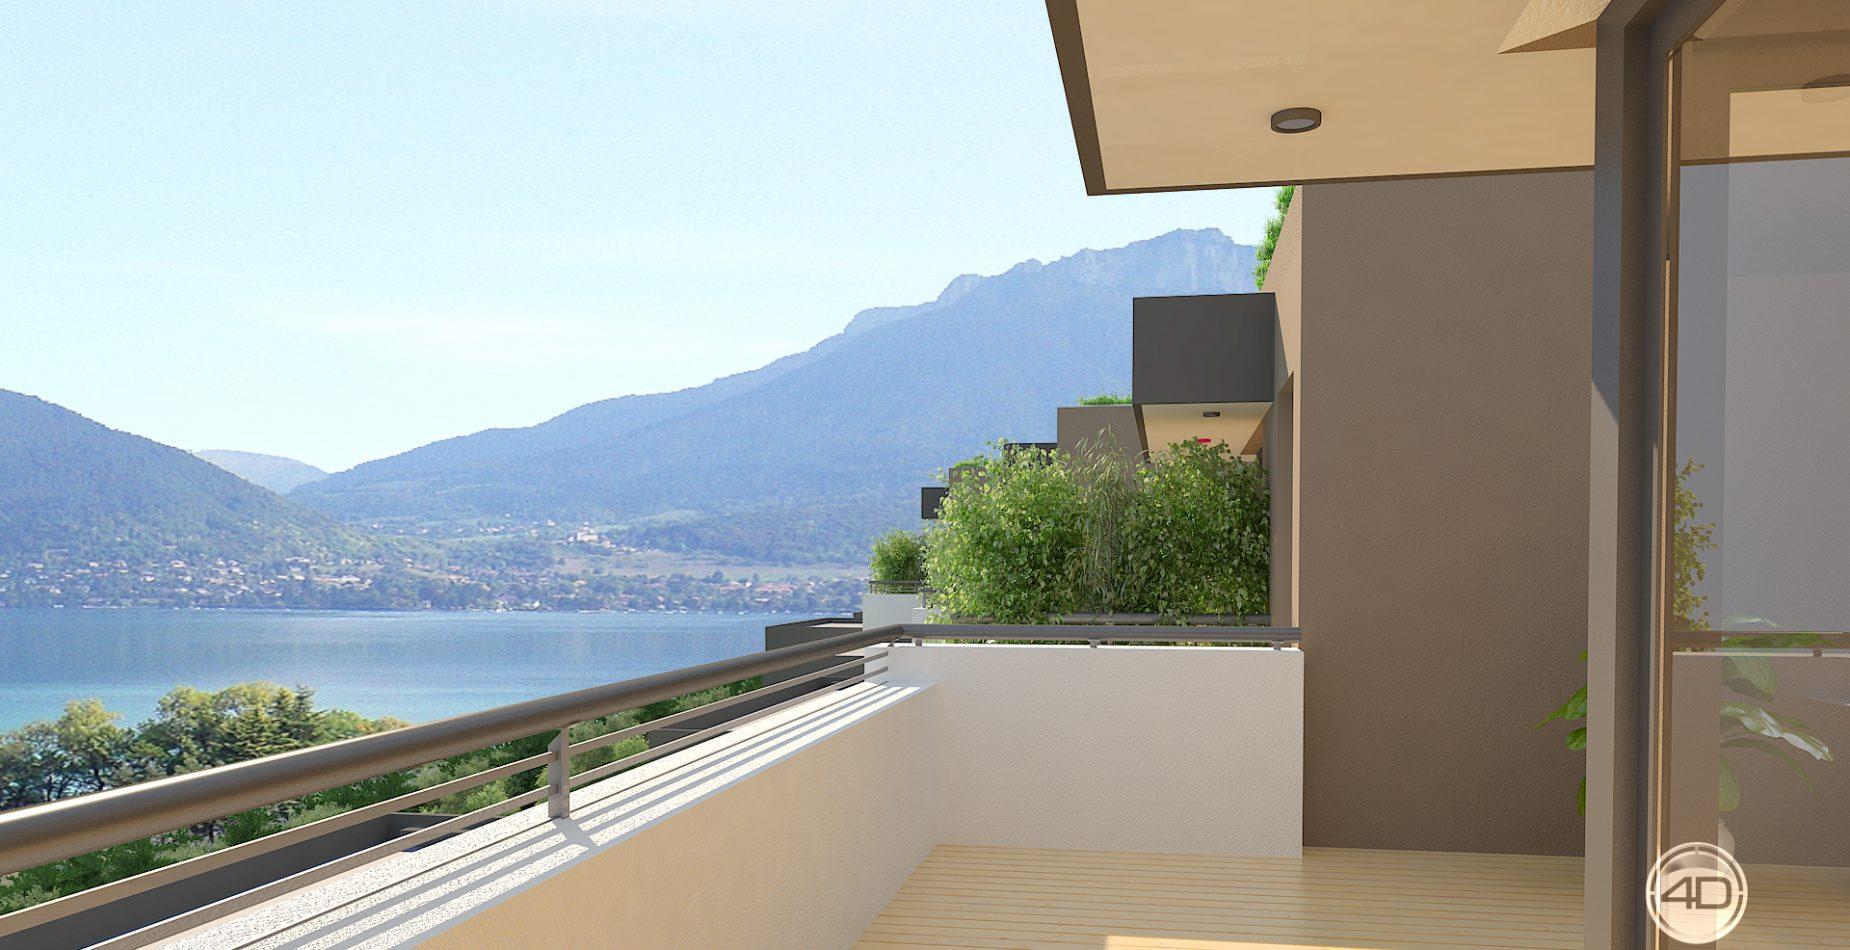 Edificio_4D-univers-townhouse_lac_annecy_3D-villa_00006